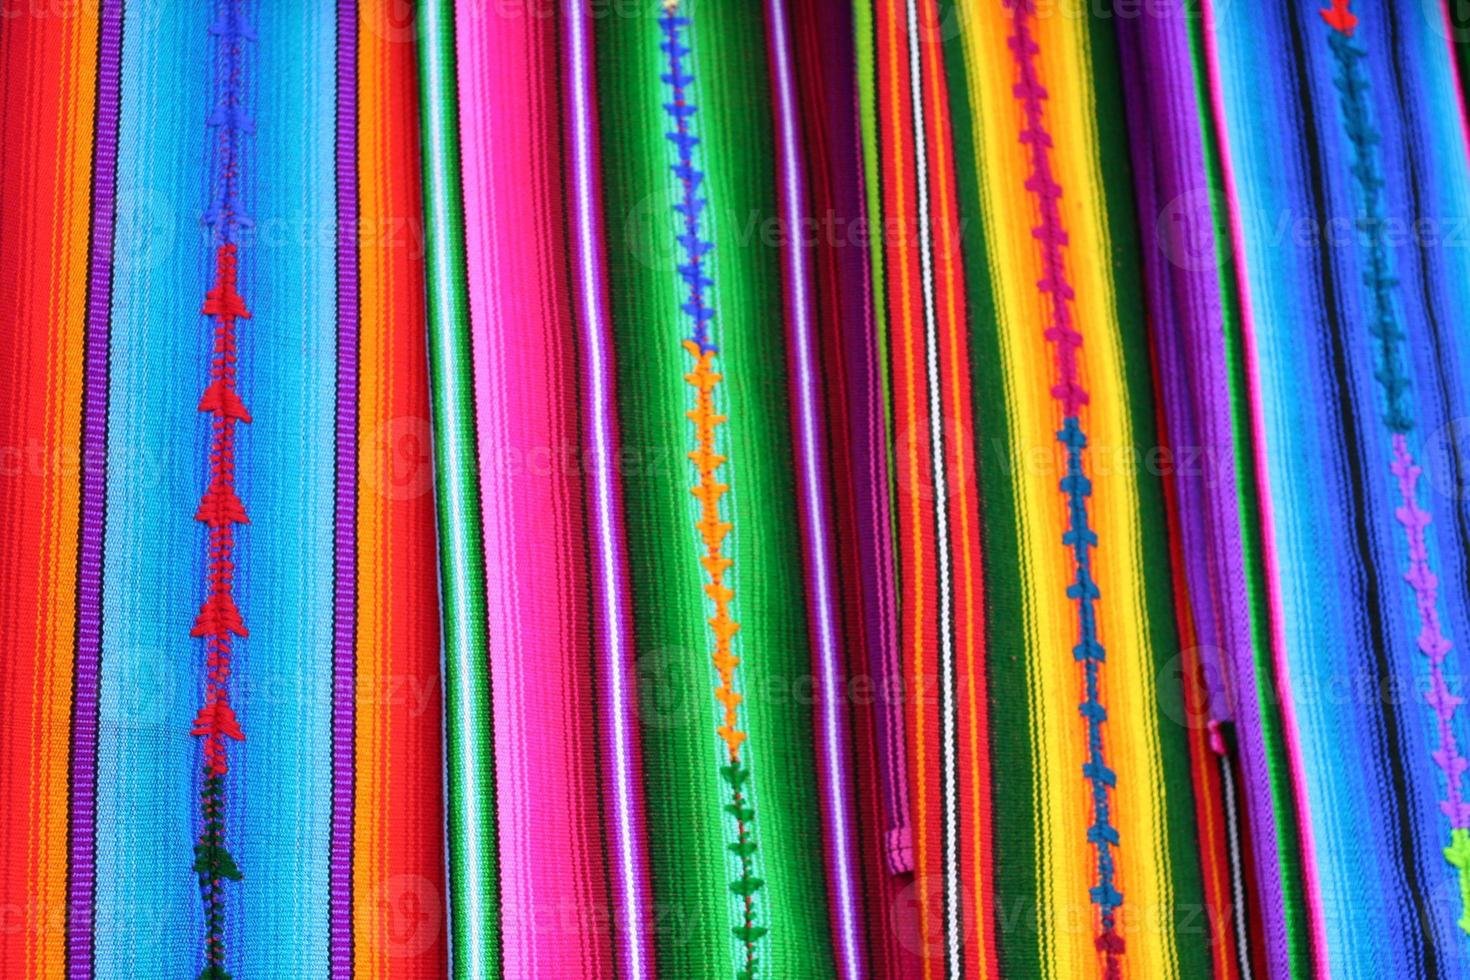 tessuti Maya colorati guatemala nel mercato di Antigua foto